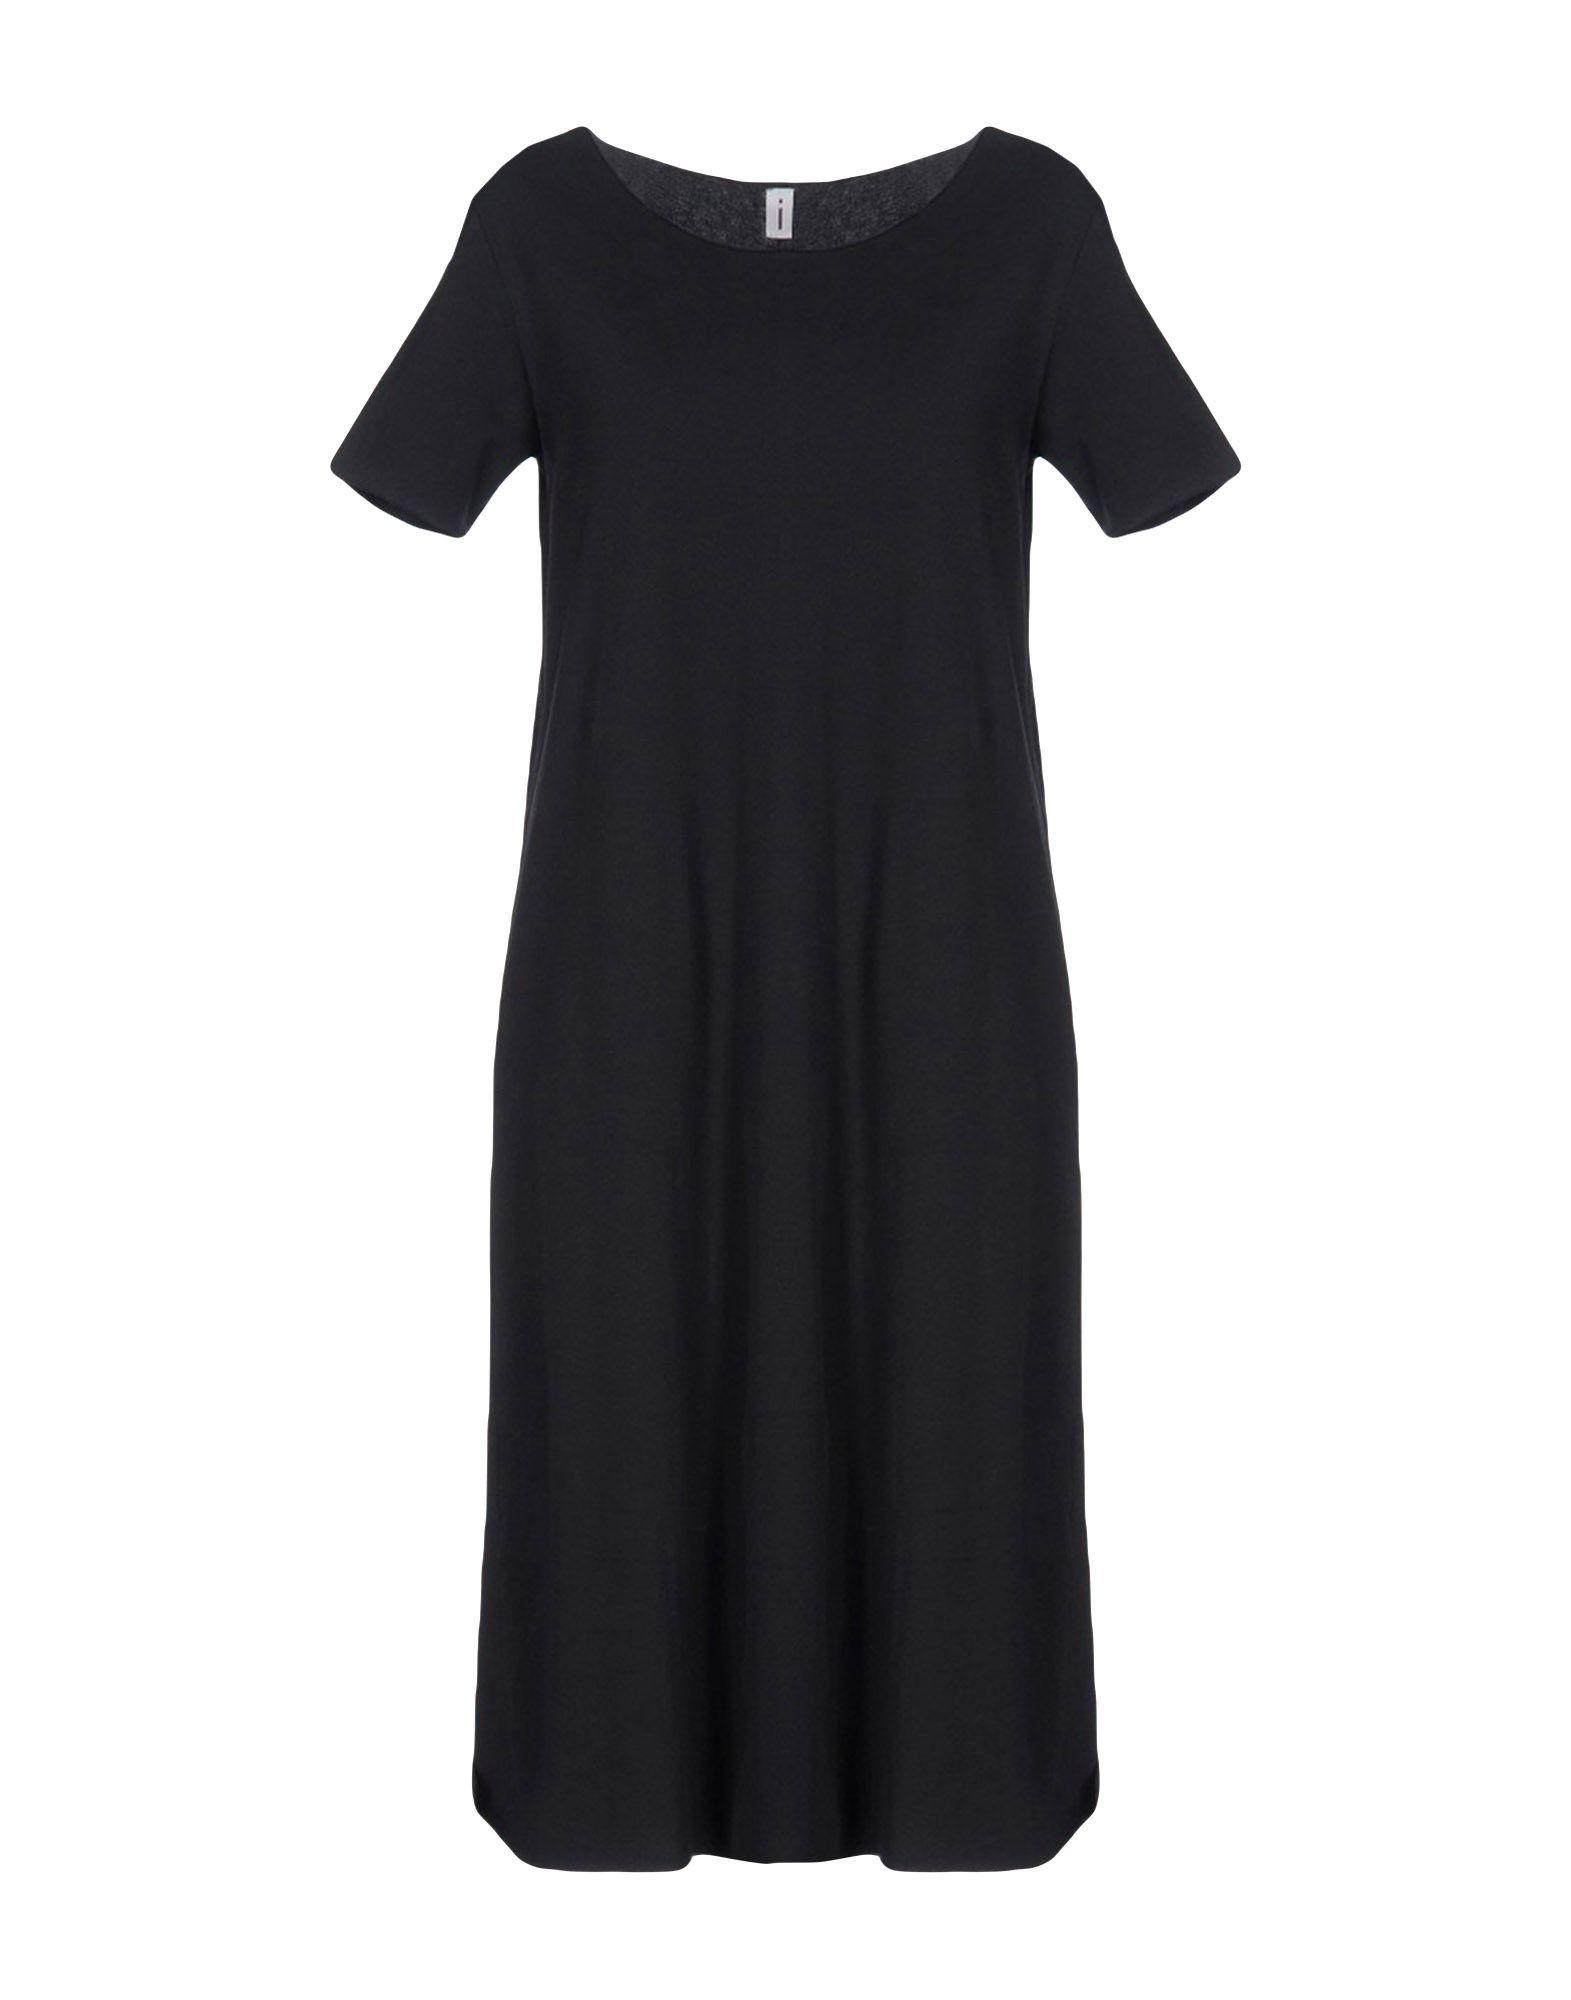 ISABELLA CLEMENTINI Платье до колена платье женское baukjen by isabella платья и сарафаны бандажные и обтягивающие